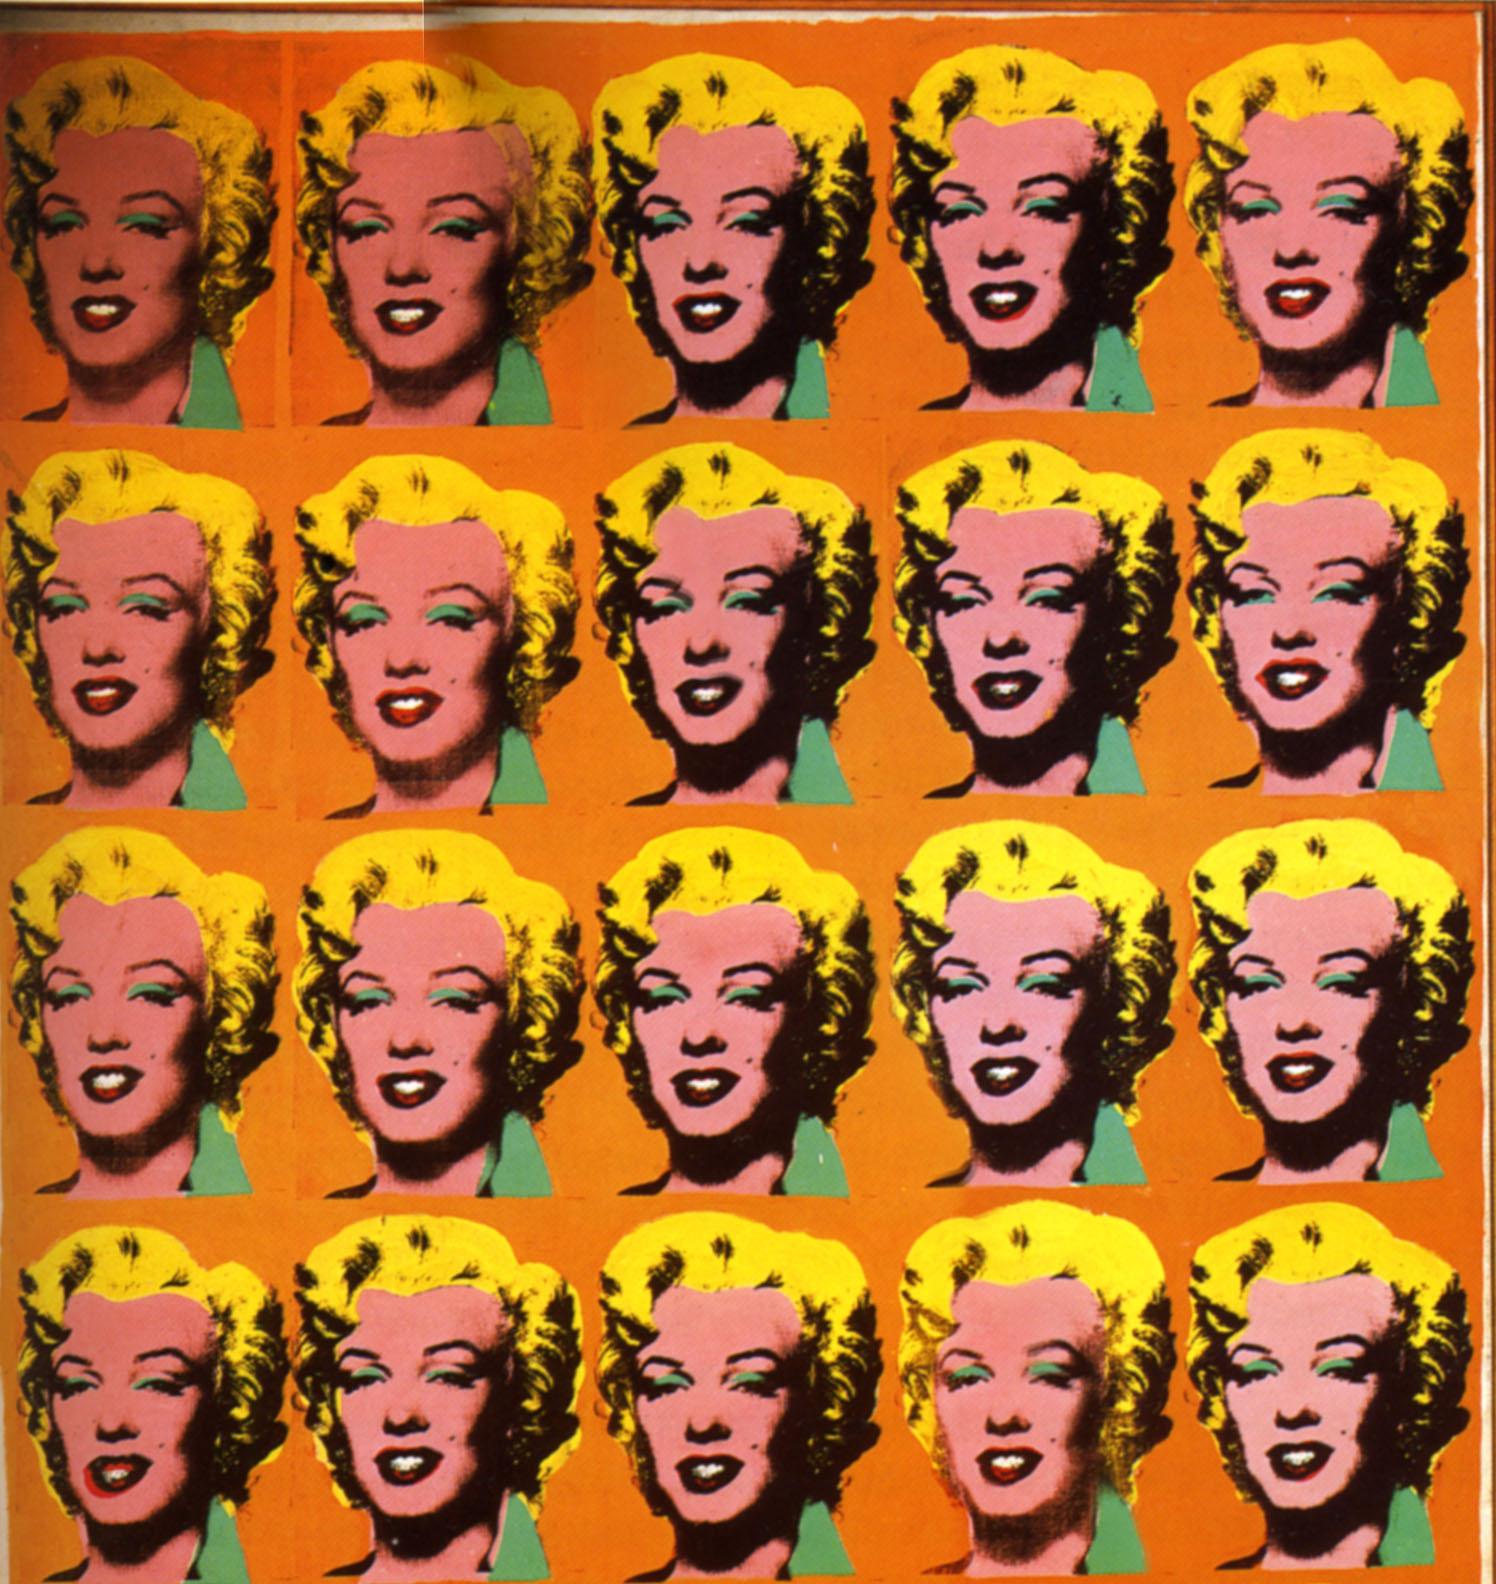 Andy-Warhol-Excerpt-Marilyn-Diptych.jpg